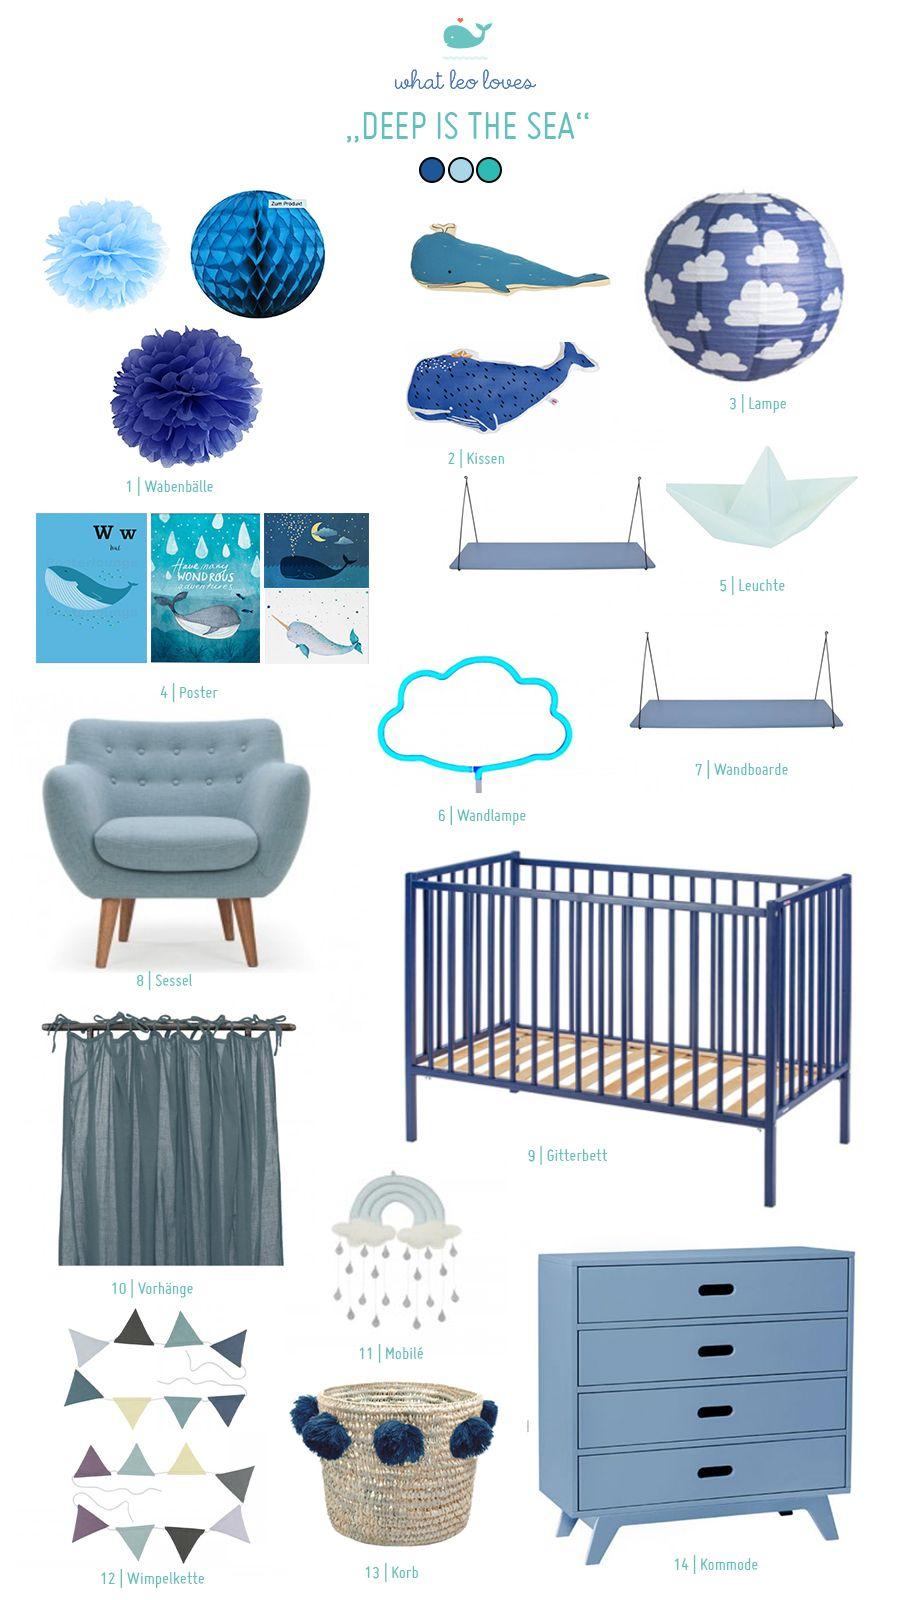 traumkinderzimmer einrichten ohne stress what leo loves kinderzimmer kinder zimmer und. Black Bedroom Furniture Sets. Home Design Ideas